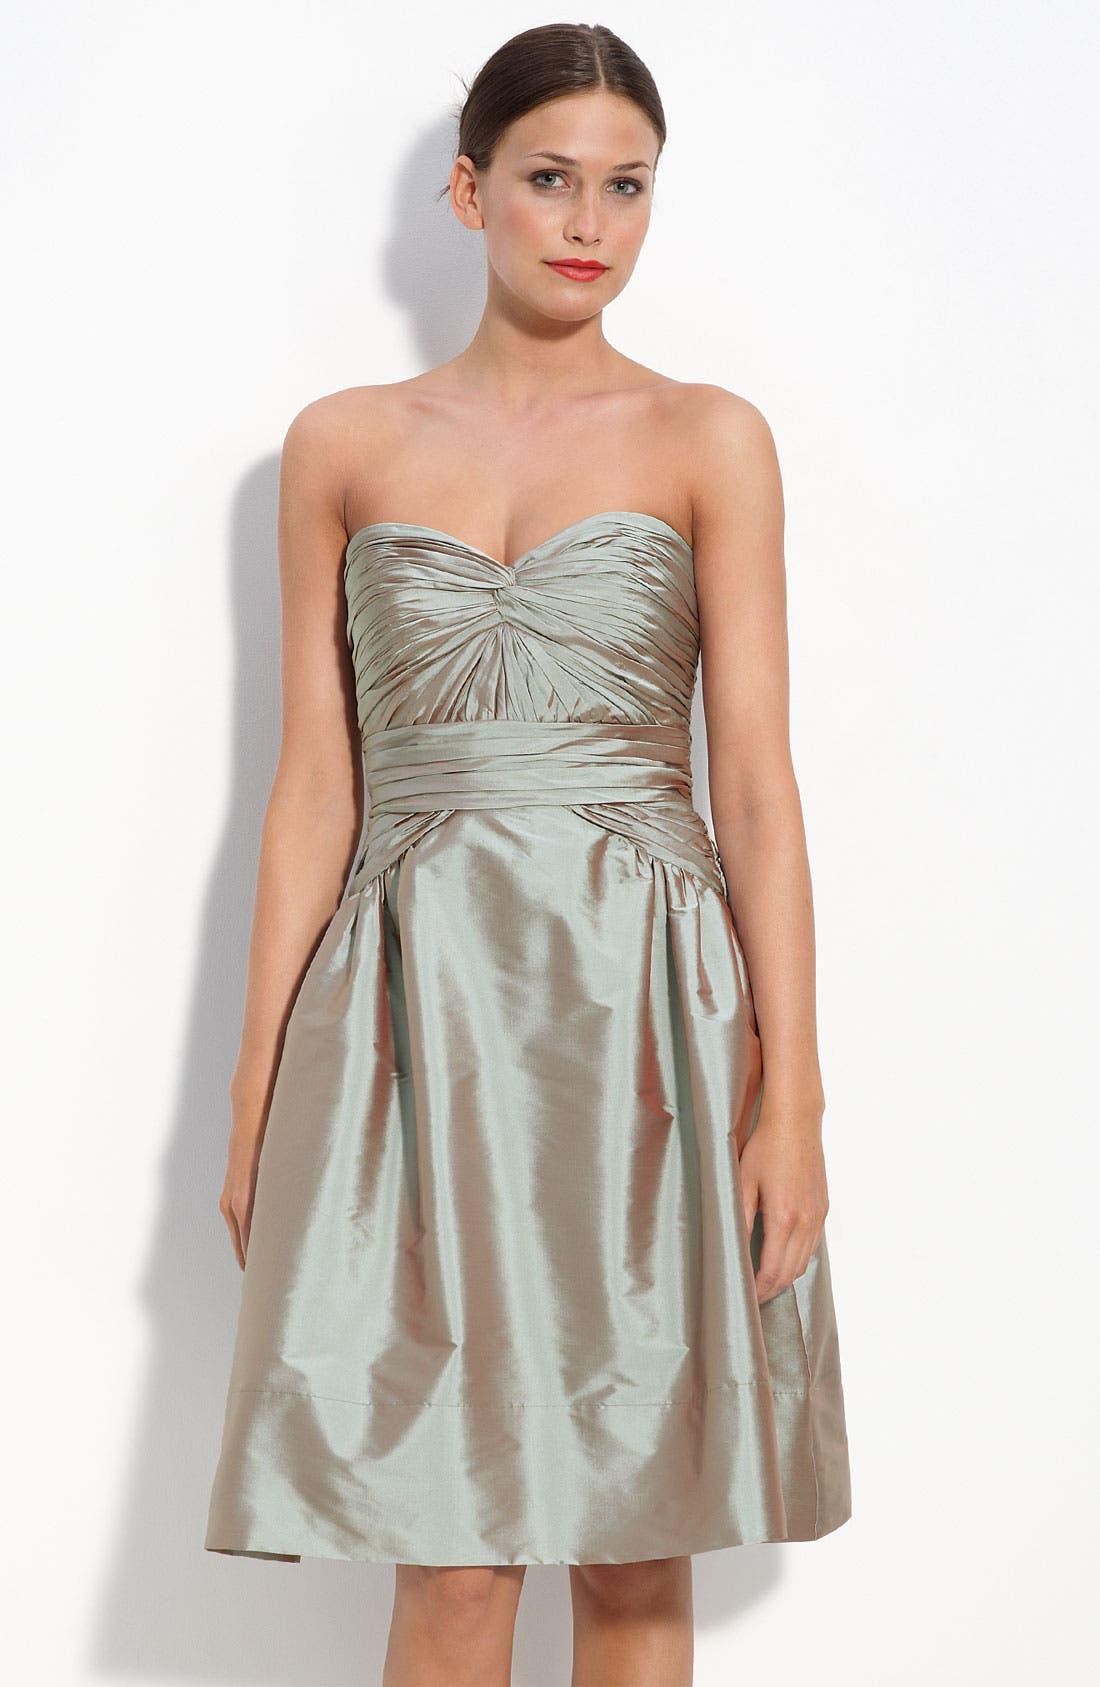 MONIQUE LHUILLIER BRIDESMAIDS,                             ML Monique Lhuillier Bridesmaids Strapless Taffeta Dress,                             Main thumbnail 1, color,                             953